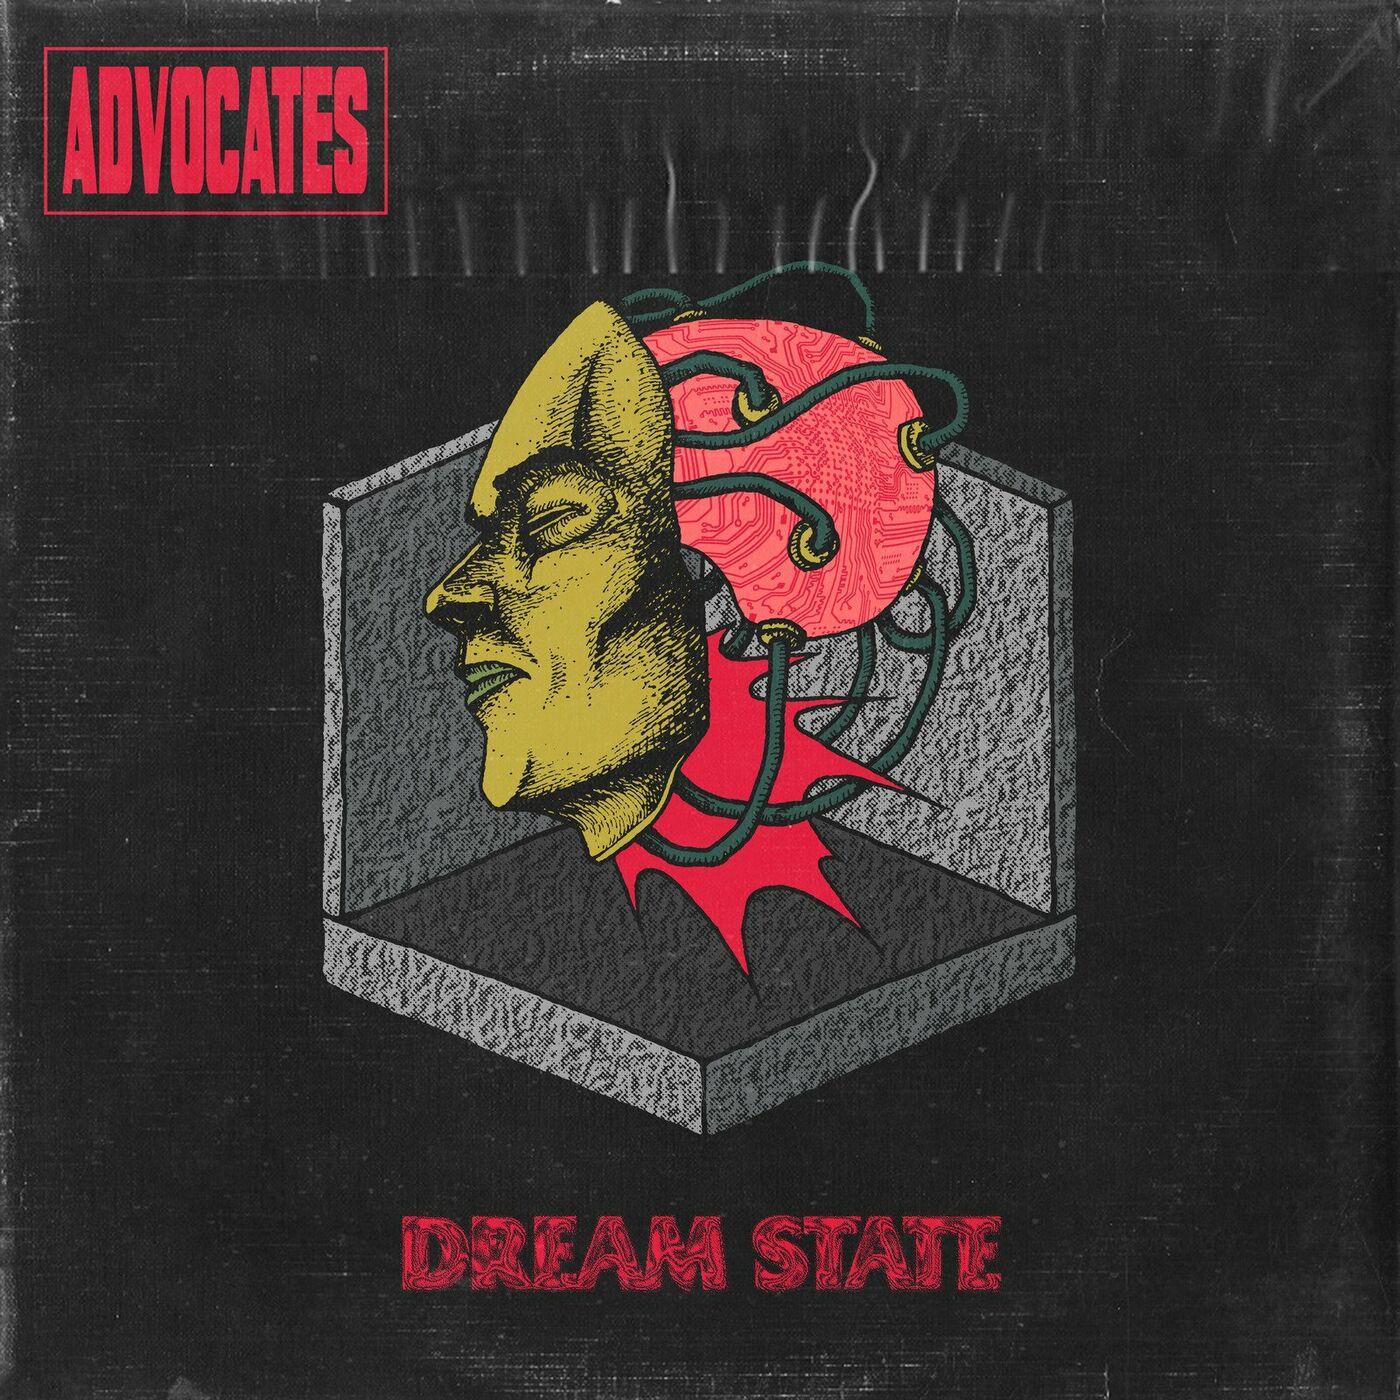 Advocates - Dreamstate [single] (2020)